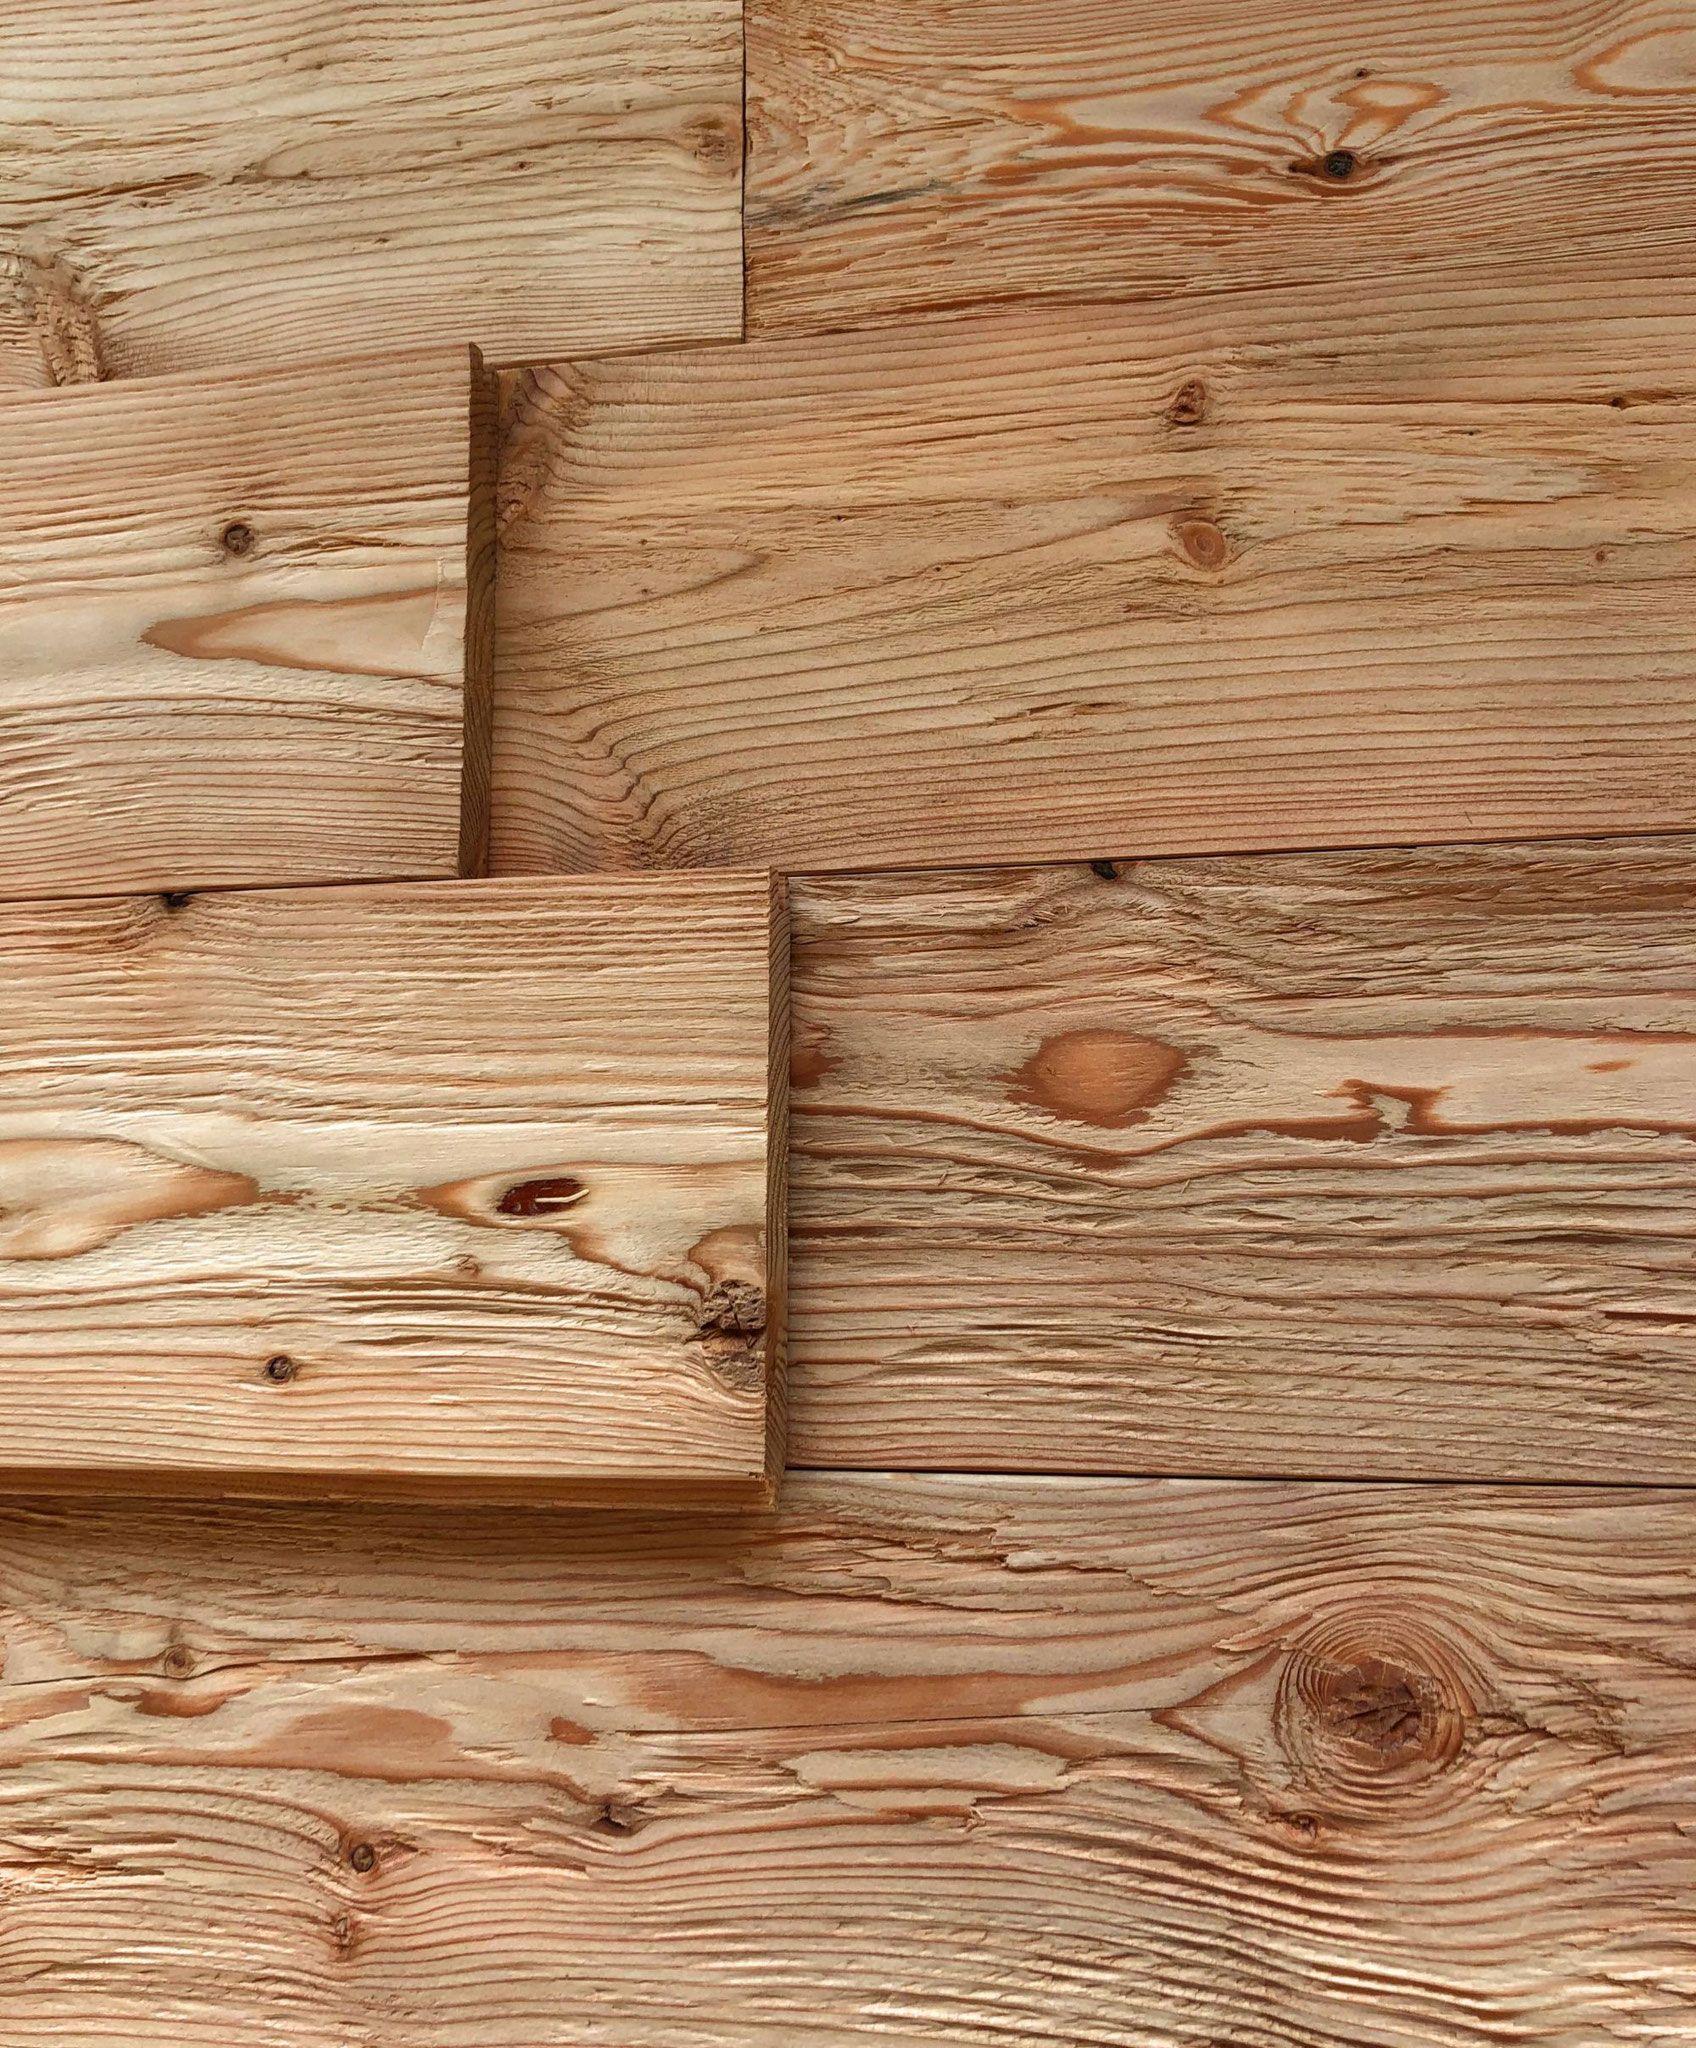 Fichte Natur Vintage Holz Wandverkleidung Altholz Wandverkleidung Vintage Holz